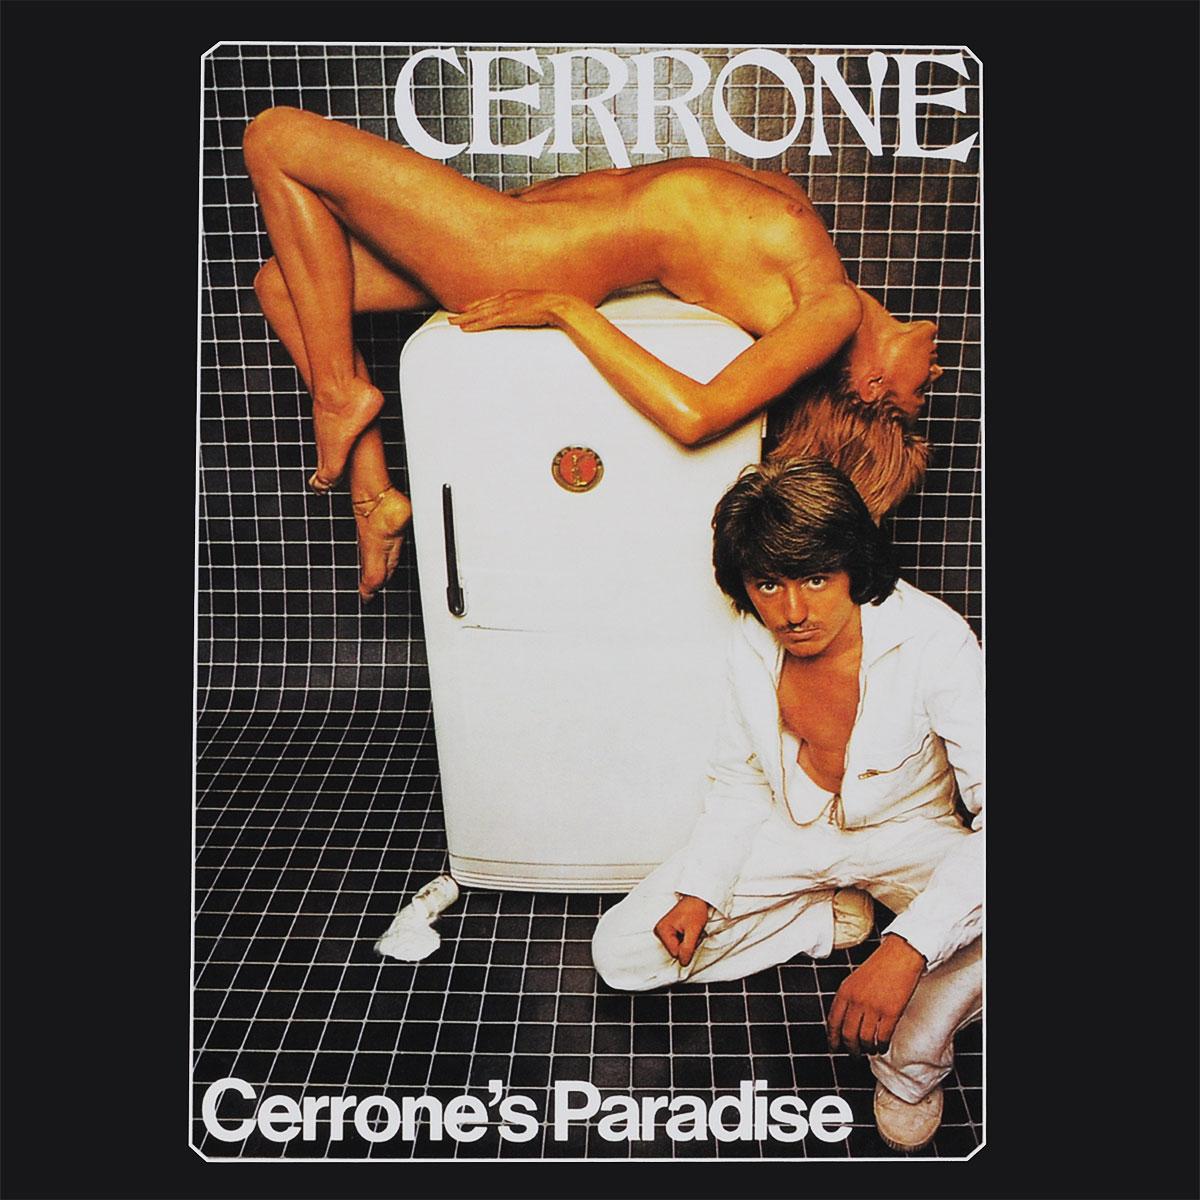 Cerrone Cerrone. Cerrone's Paradise (LP)